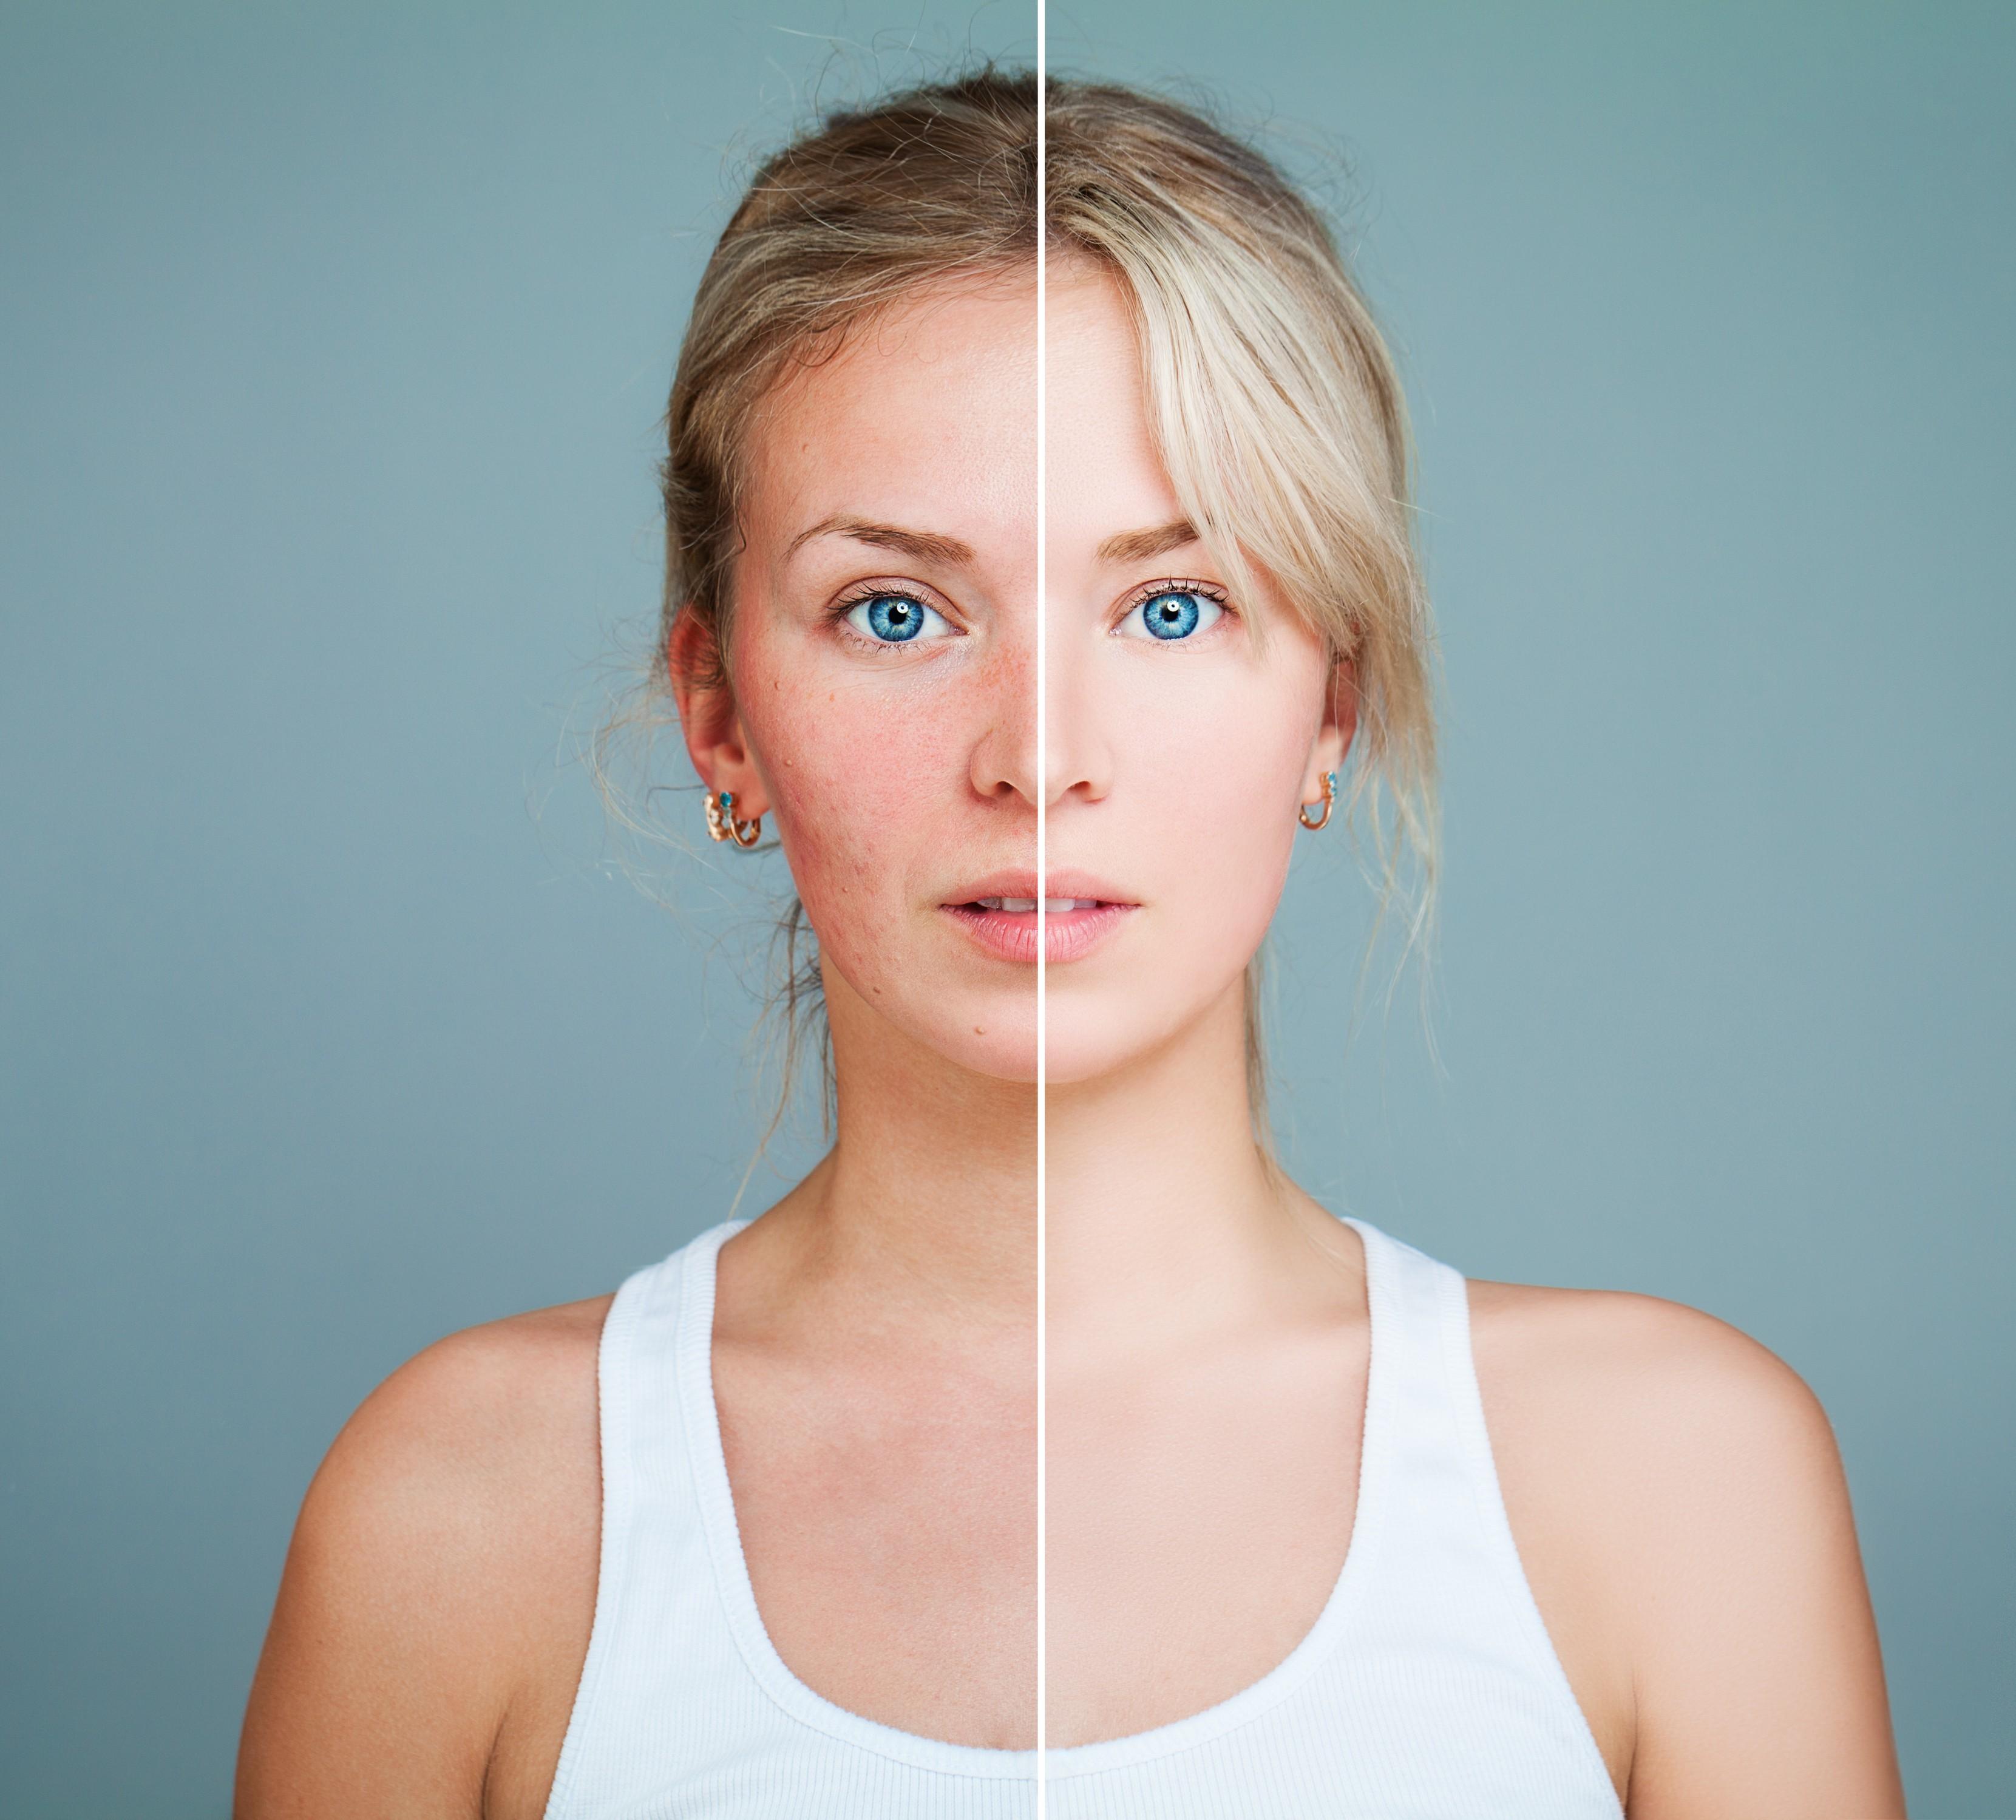 Muito sol e pouca proteção podem deixar a pele do rosto com manchas (Foto: Thinkstock)